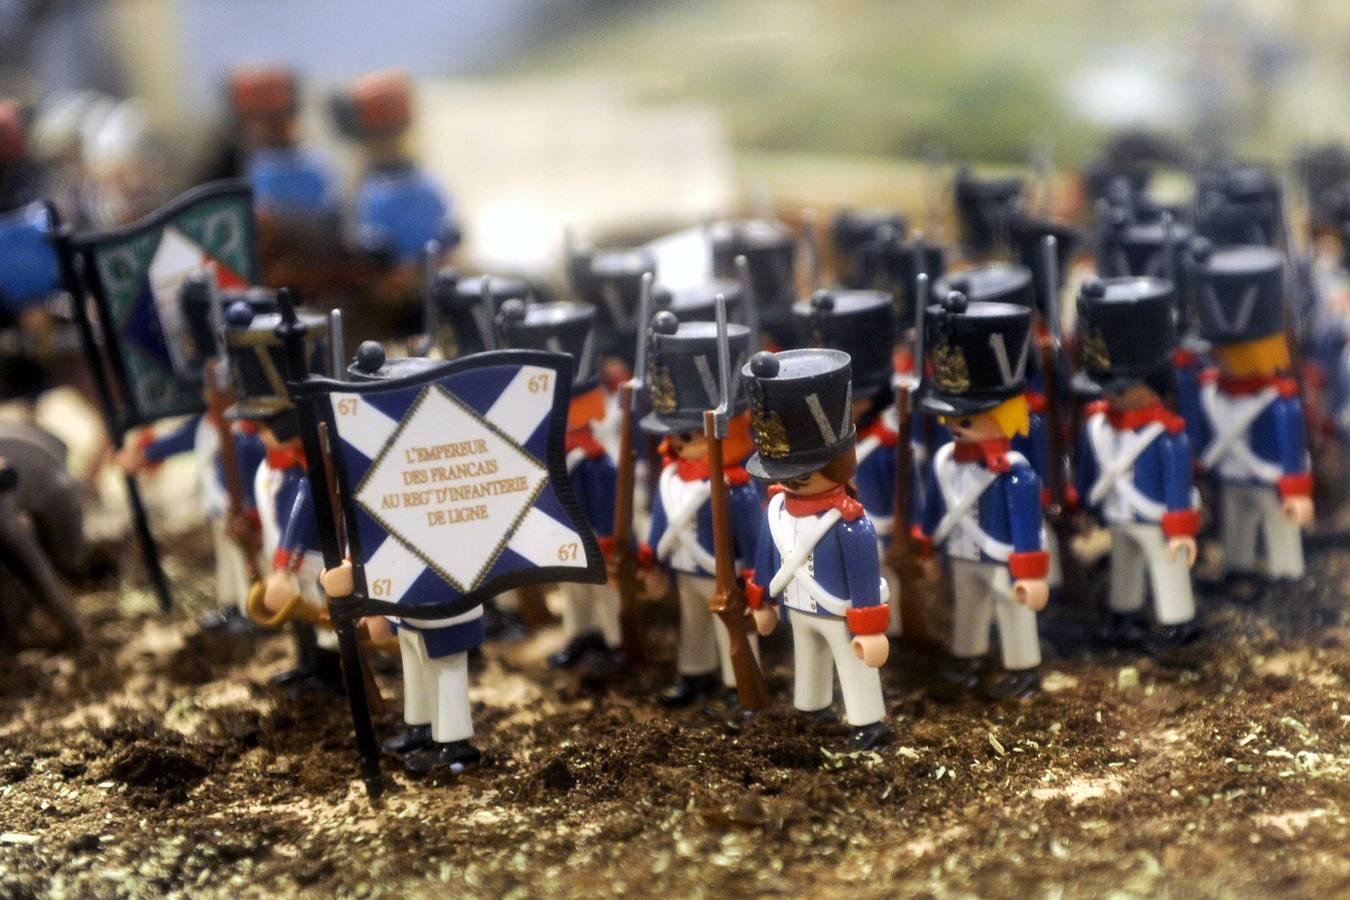 Exposición 'Playmobil, Lealtad y Valor. La historia del Ejército contada a través de los clicks' en el Palacio Real de Valladolid